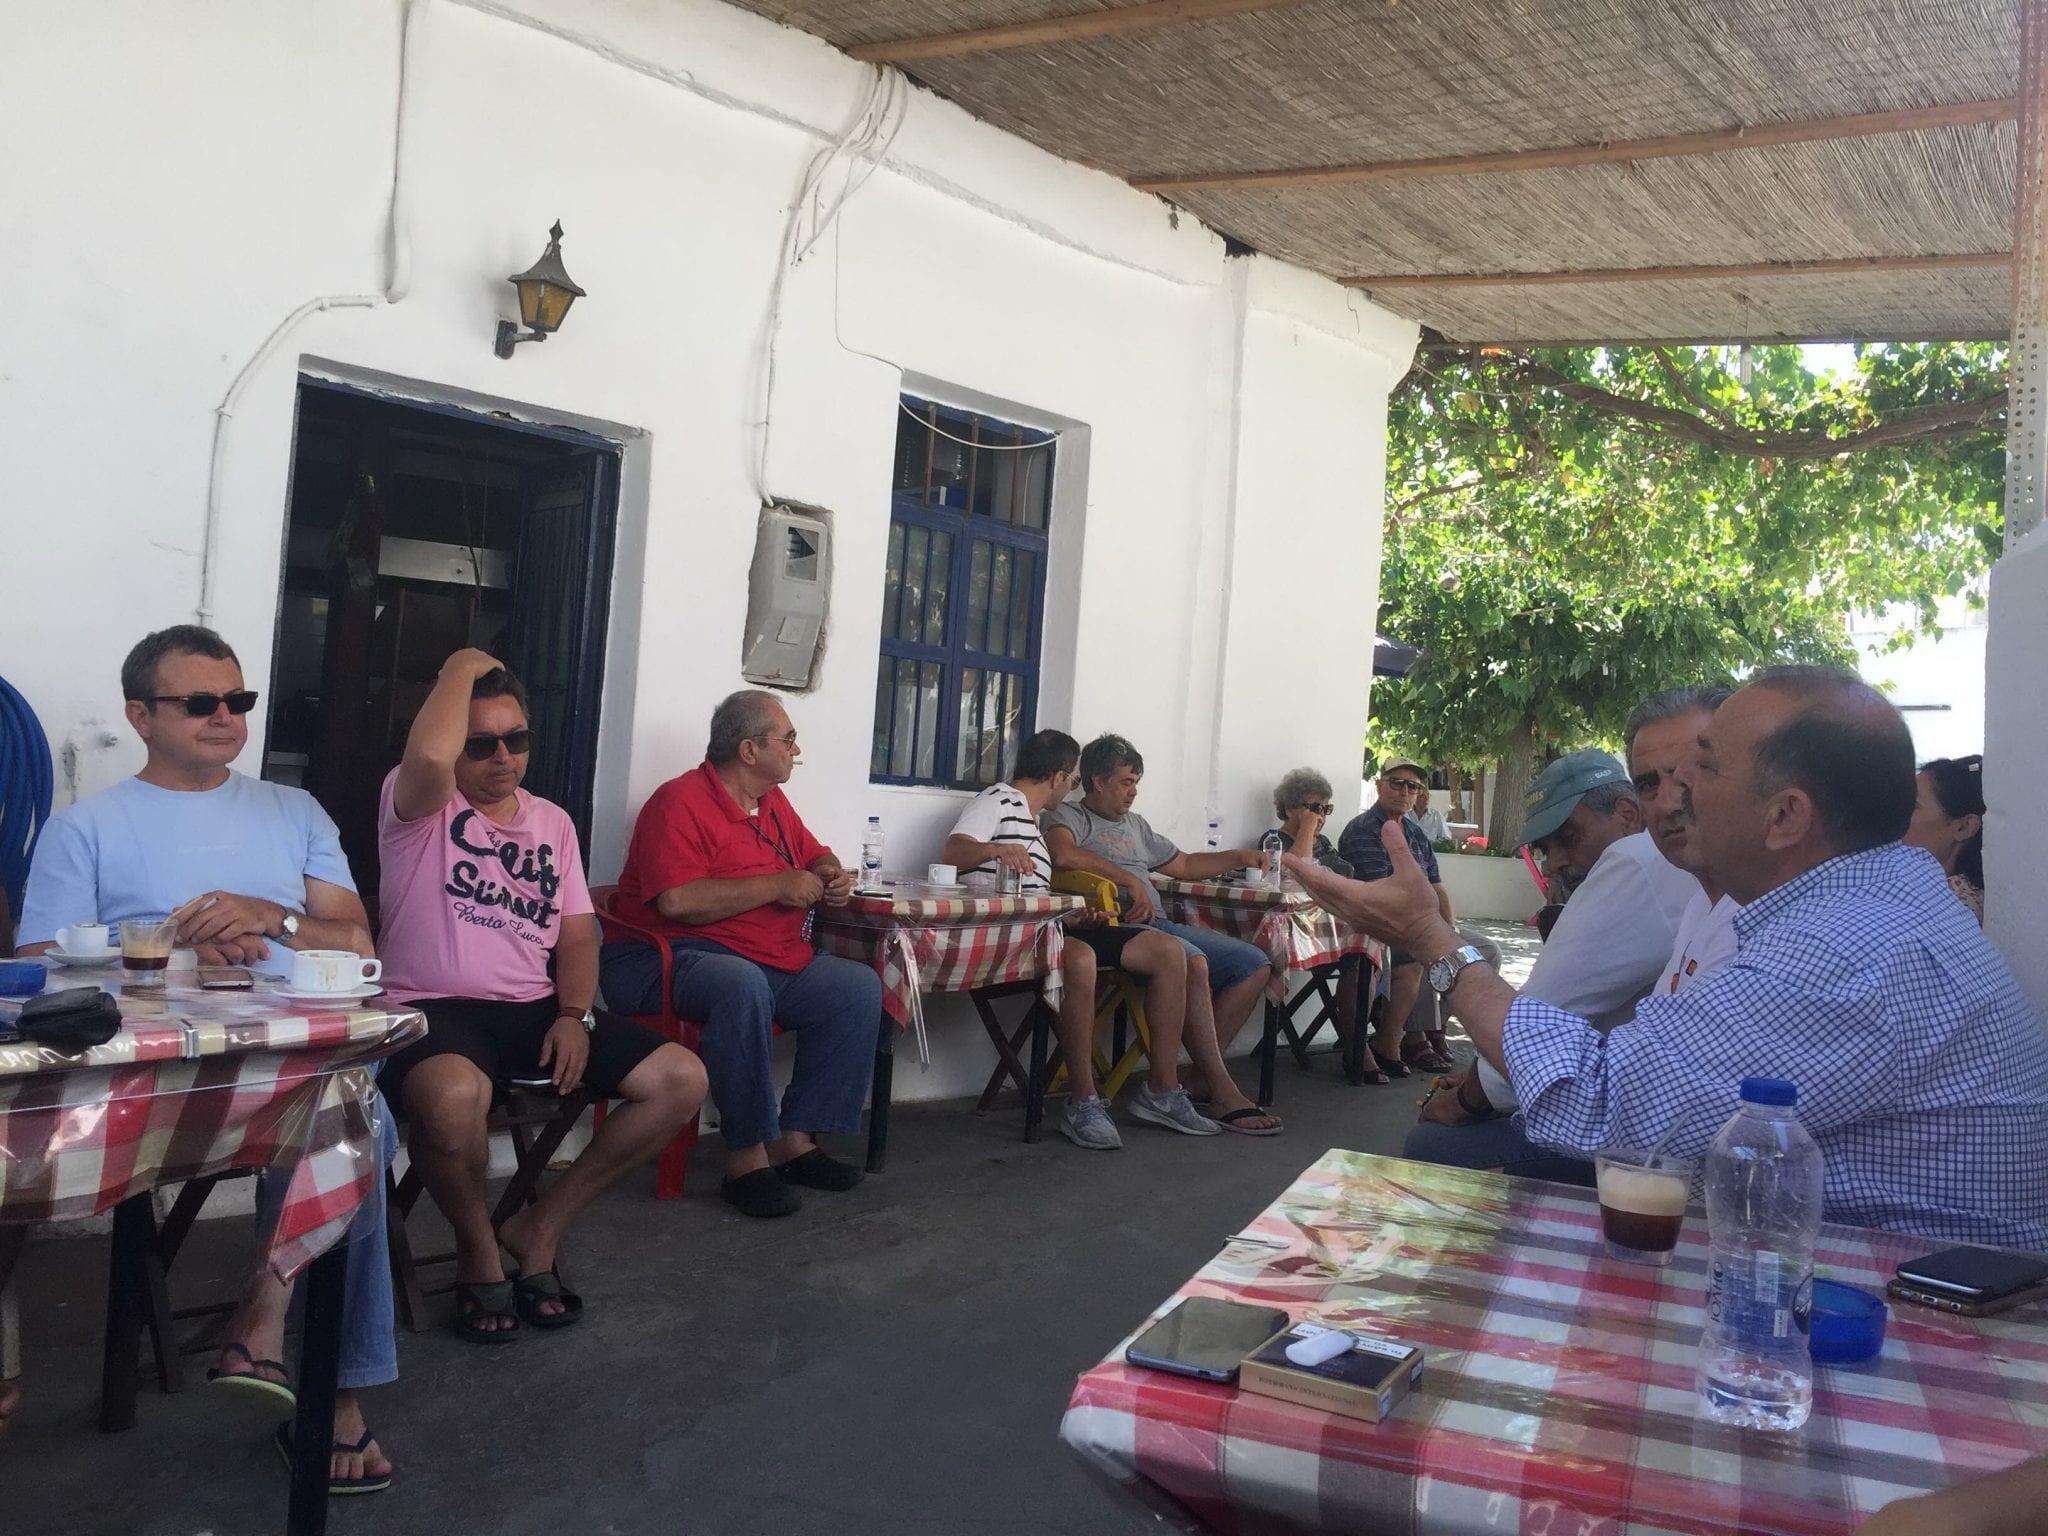 20160711_Επίσκεψη του Δημάρχου σε κοινότητες της Νότιας Ρόδου 3